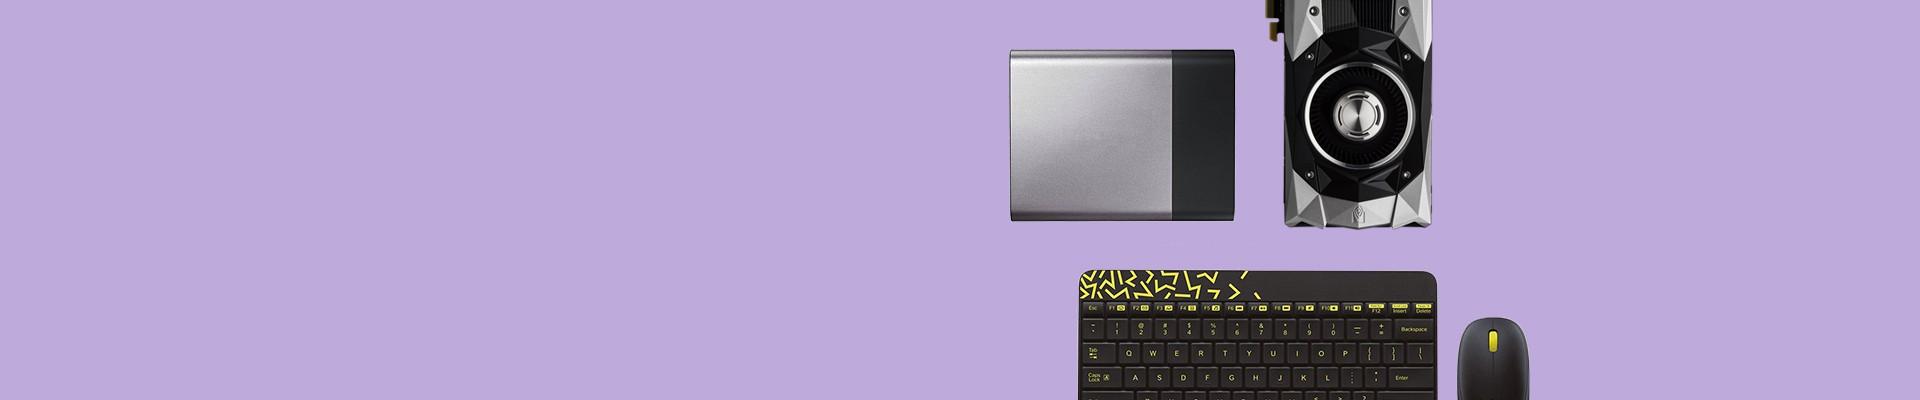 Jual Komputer & Aksesoris Terlengkap - Harga Terbaik